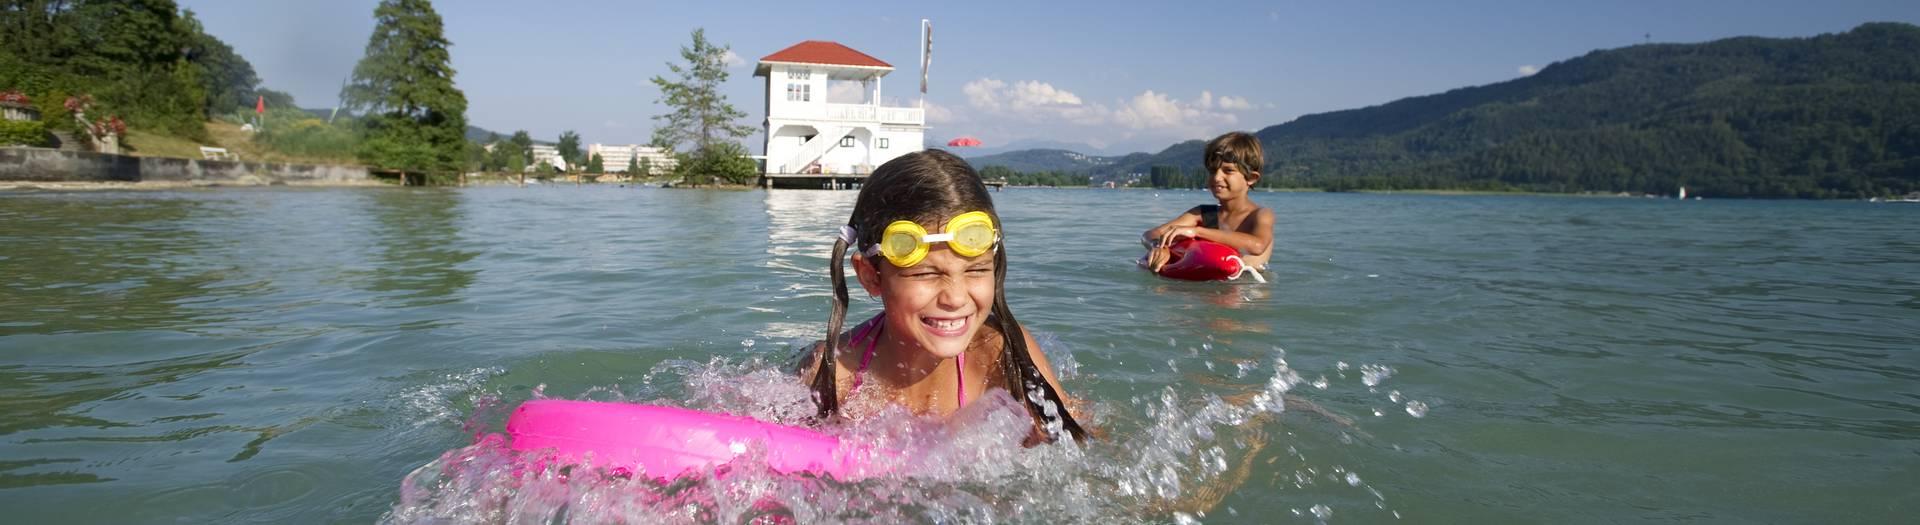 Kinder beim Baden am See